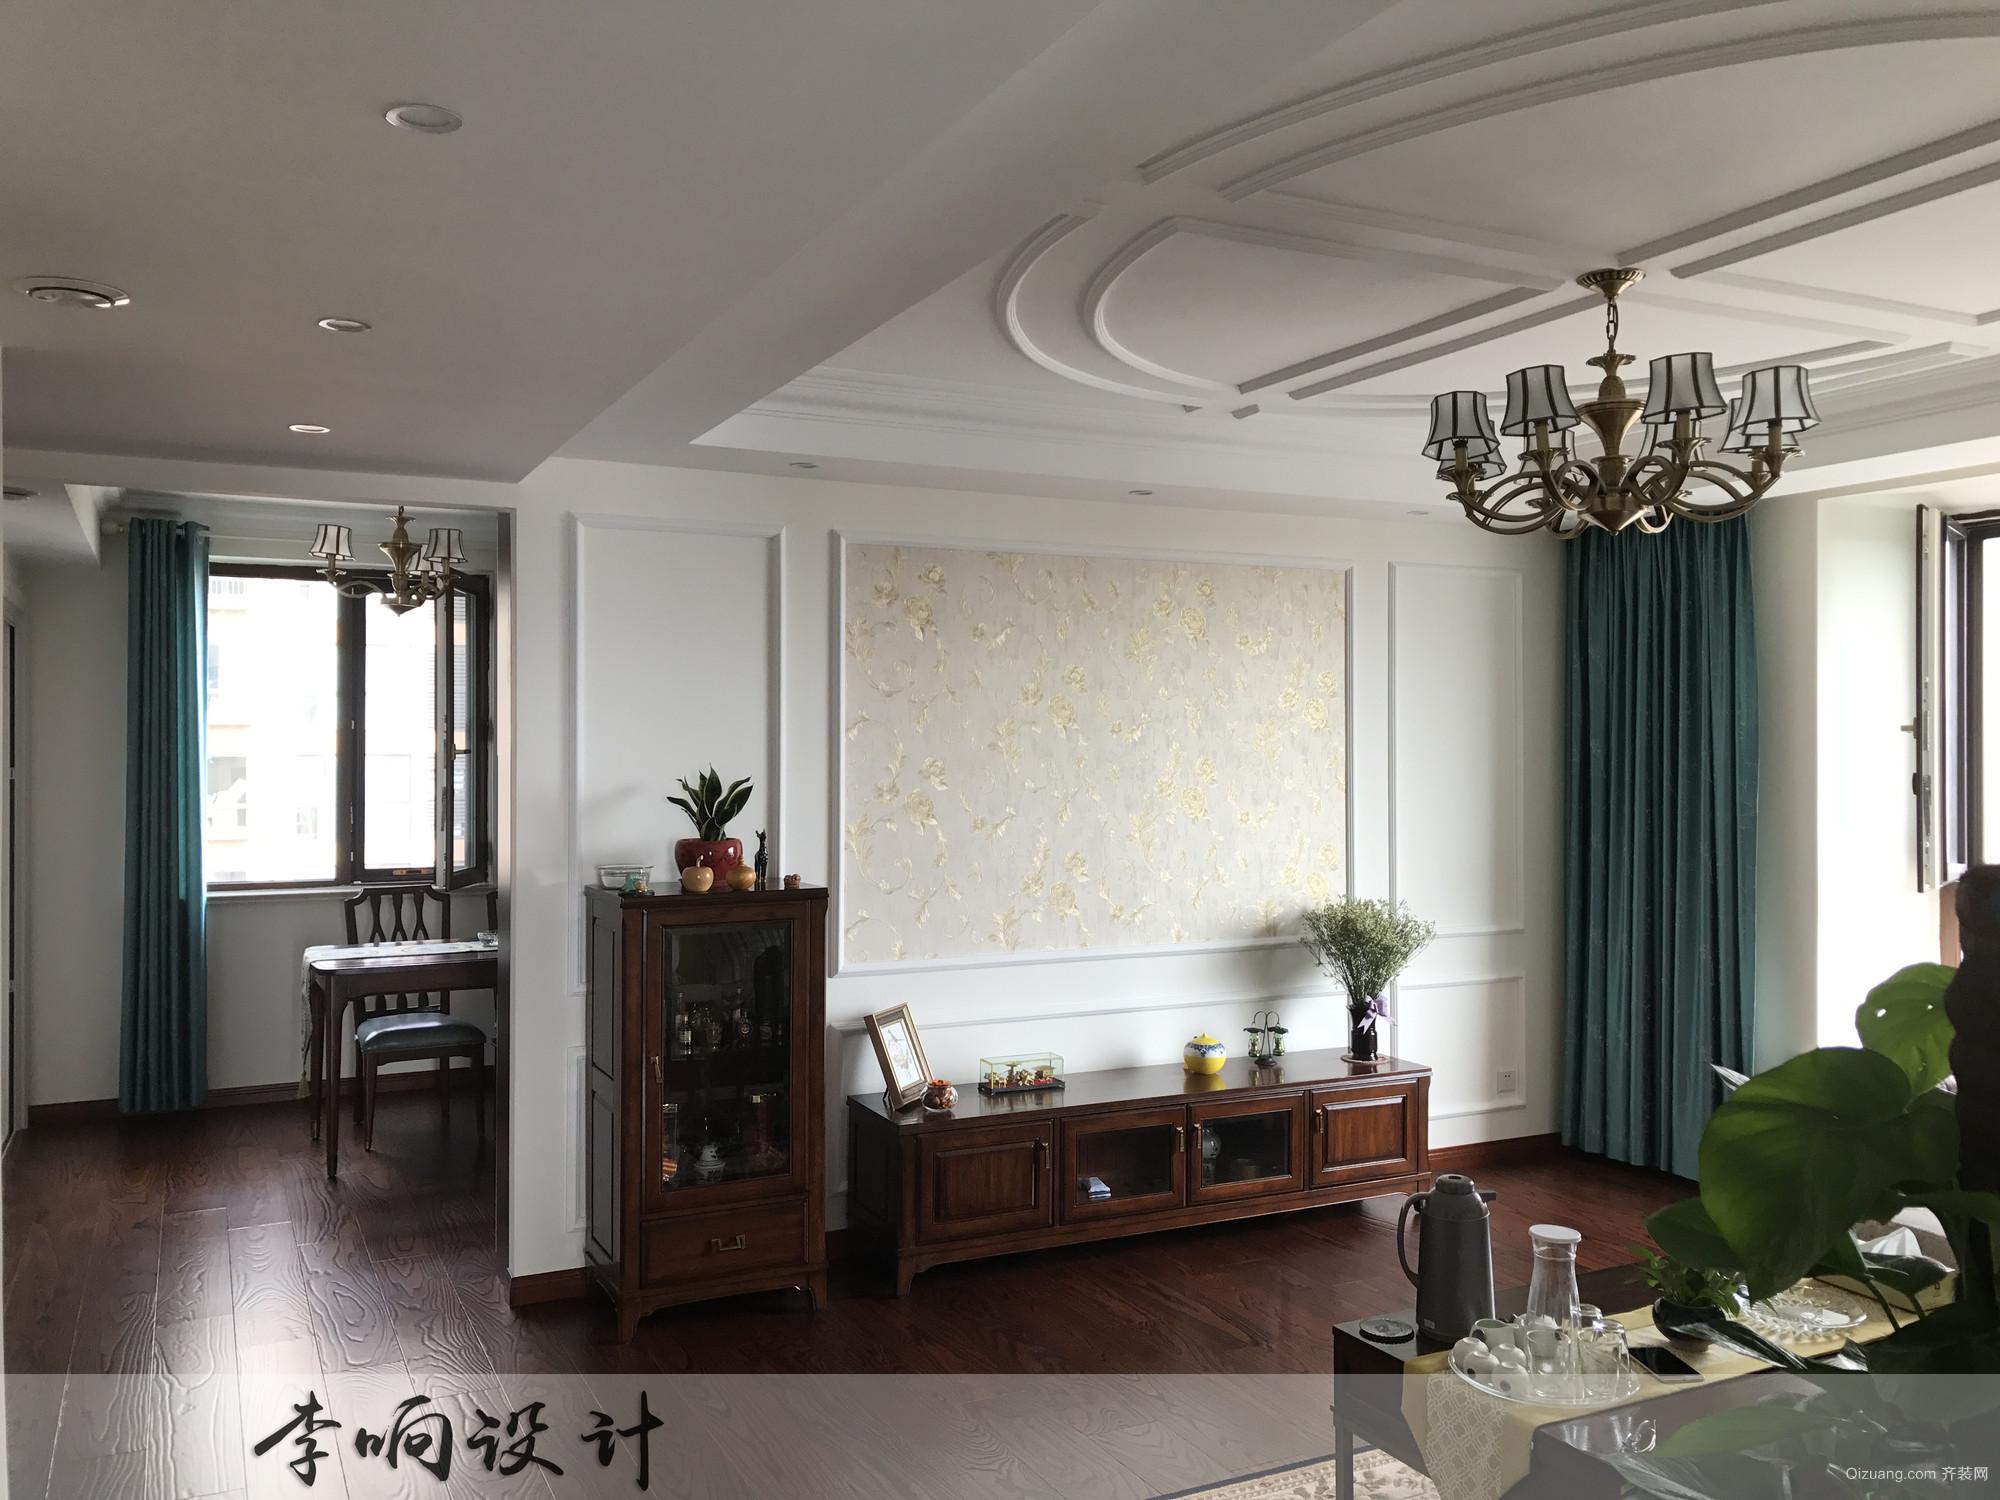 中城嘉汇美式风格装修效果图实景图